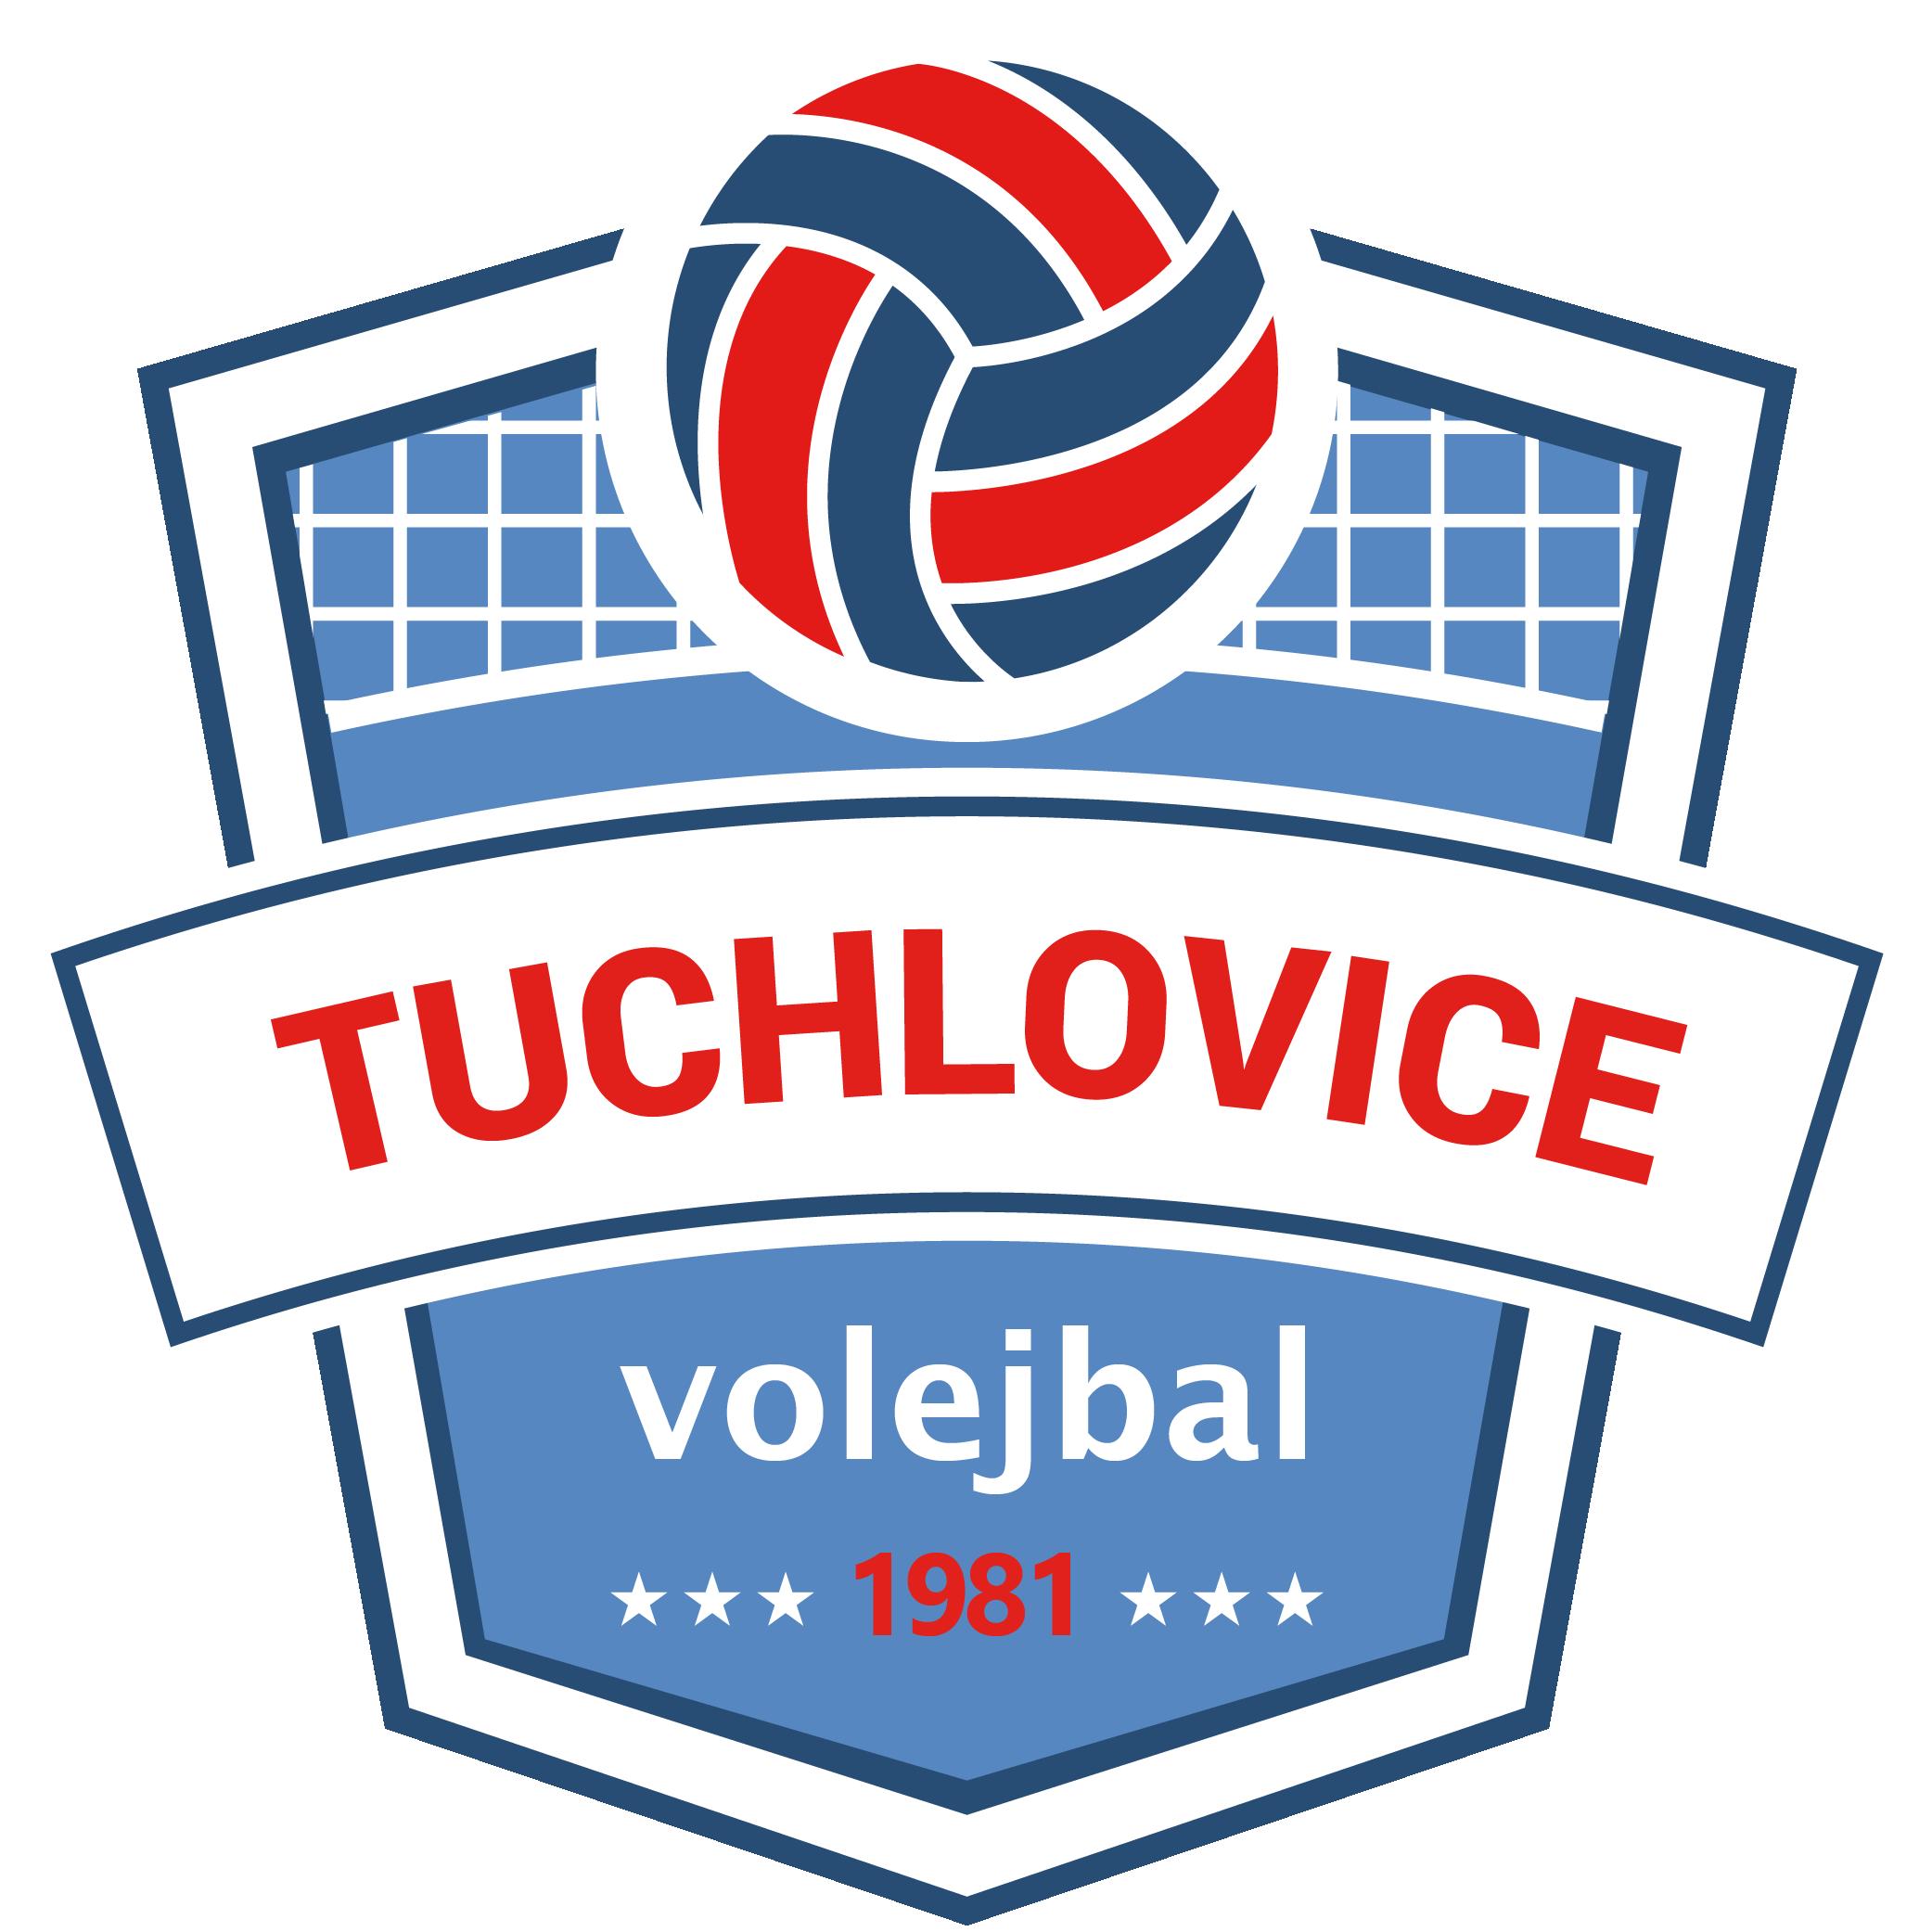 Logo volejbalového klubu Tuchlovice